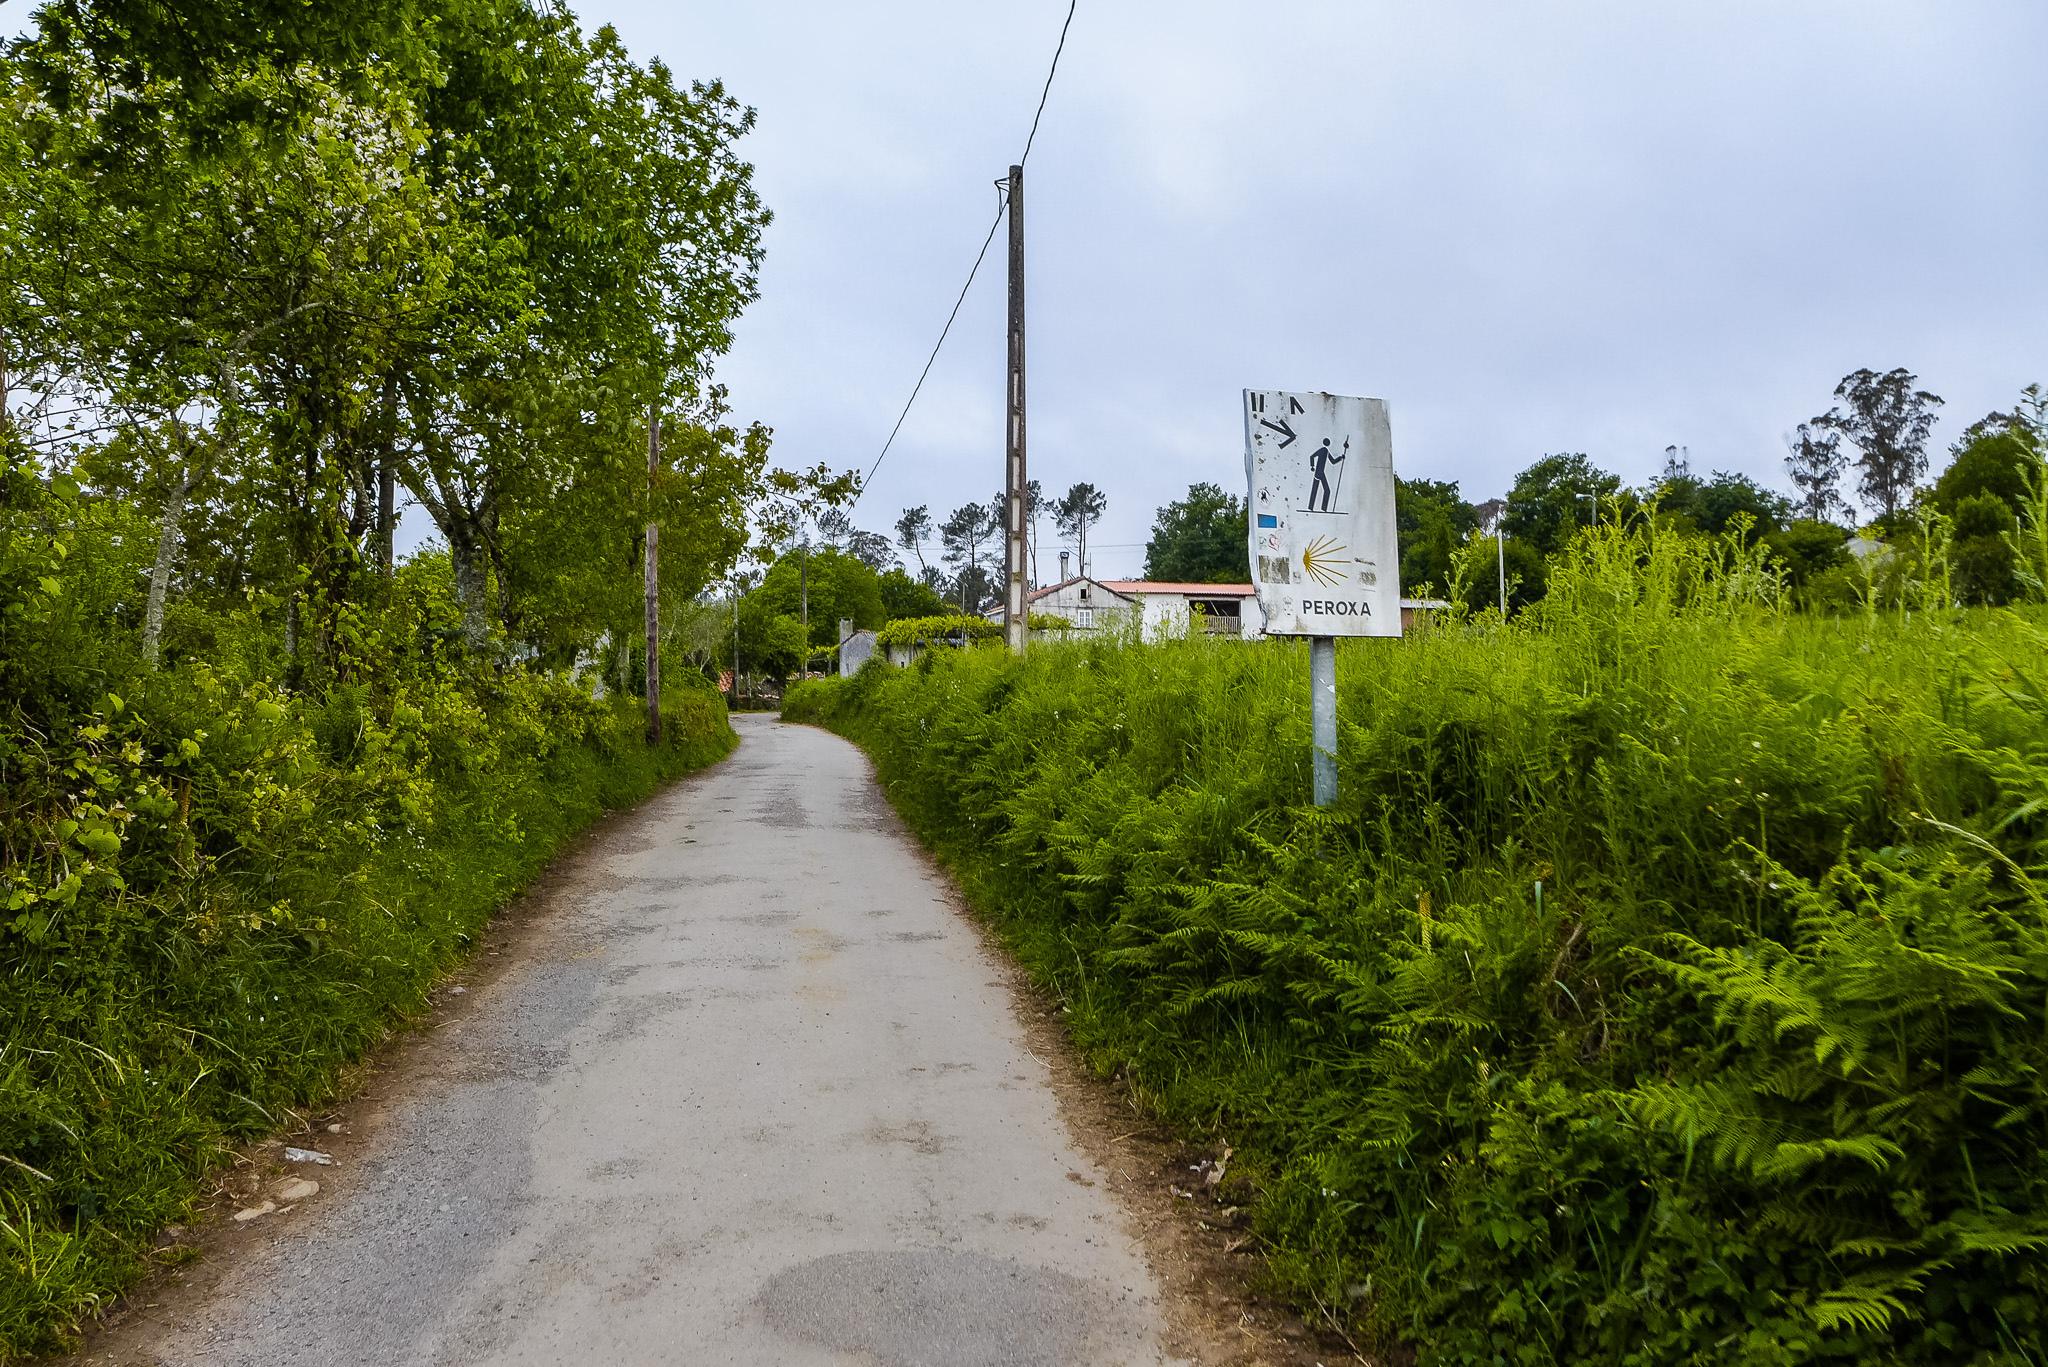 Localidad de A Peroxa durante el Camino de Santiago